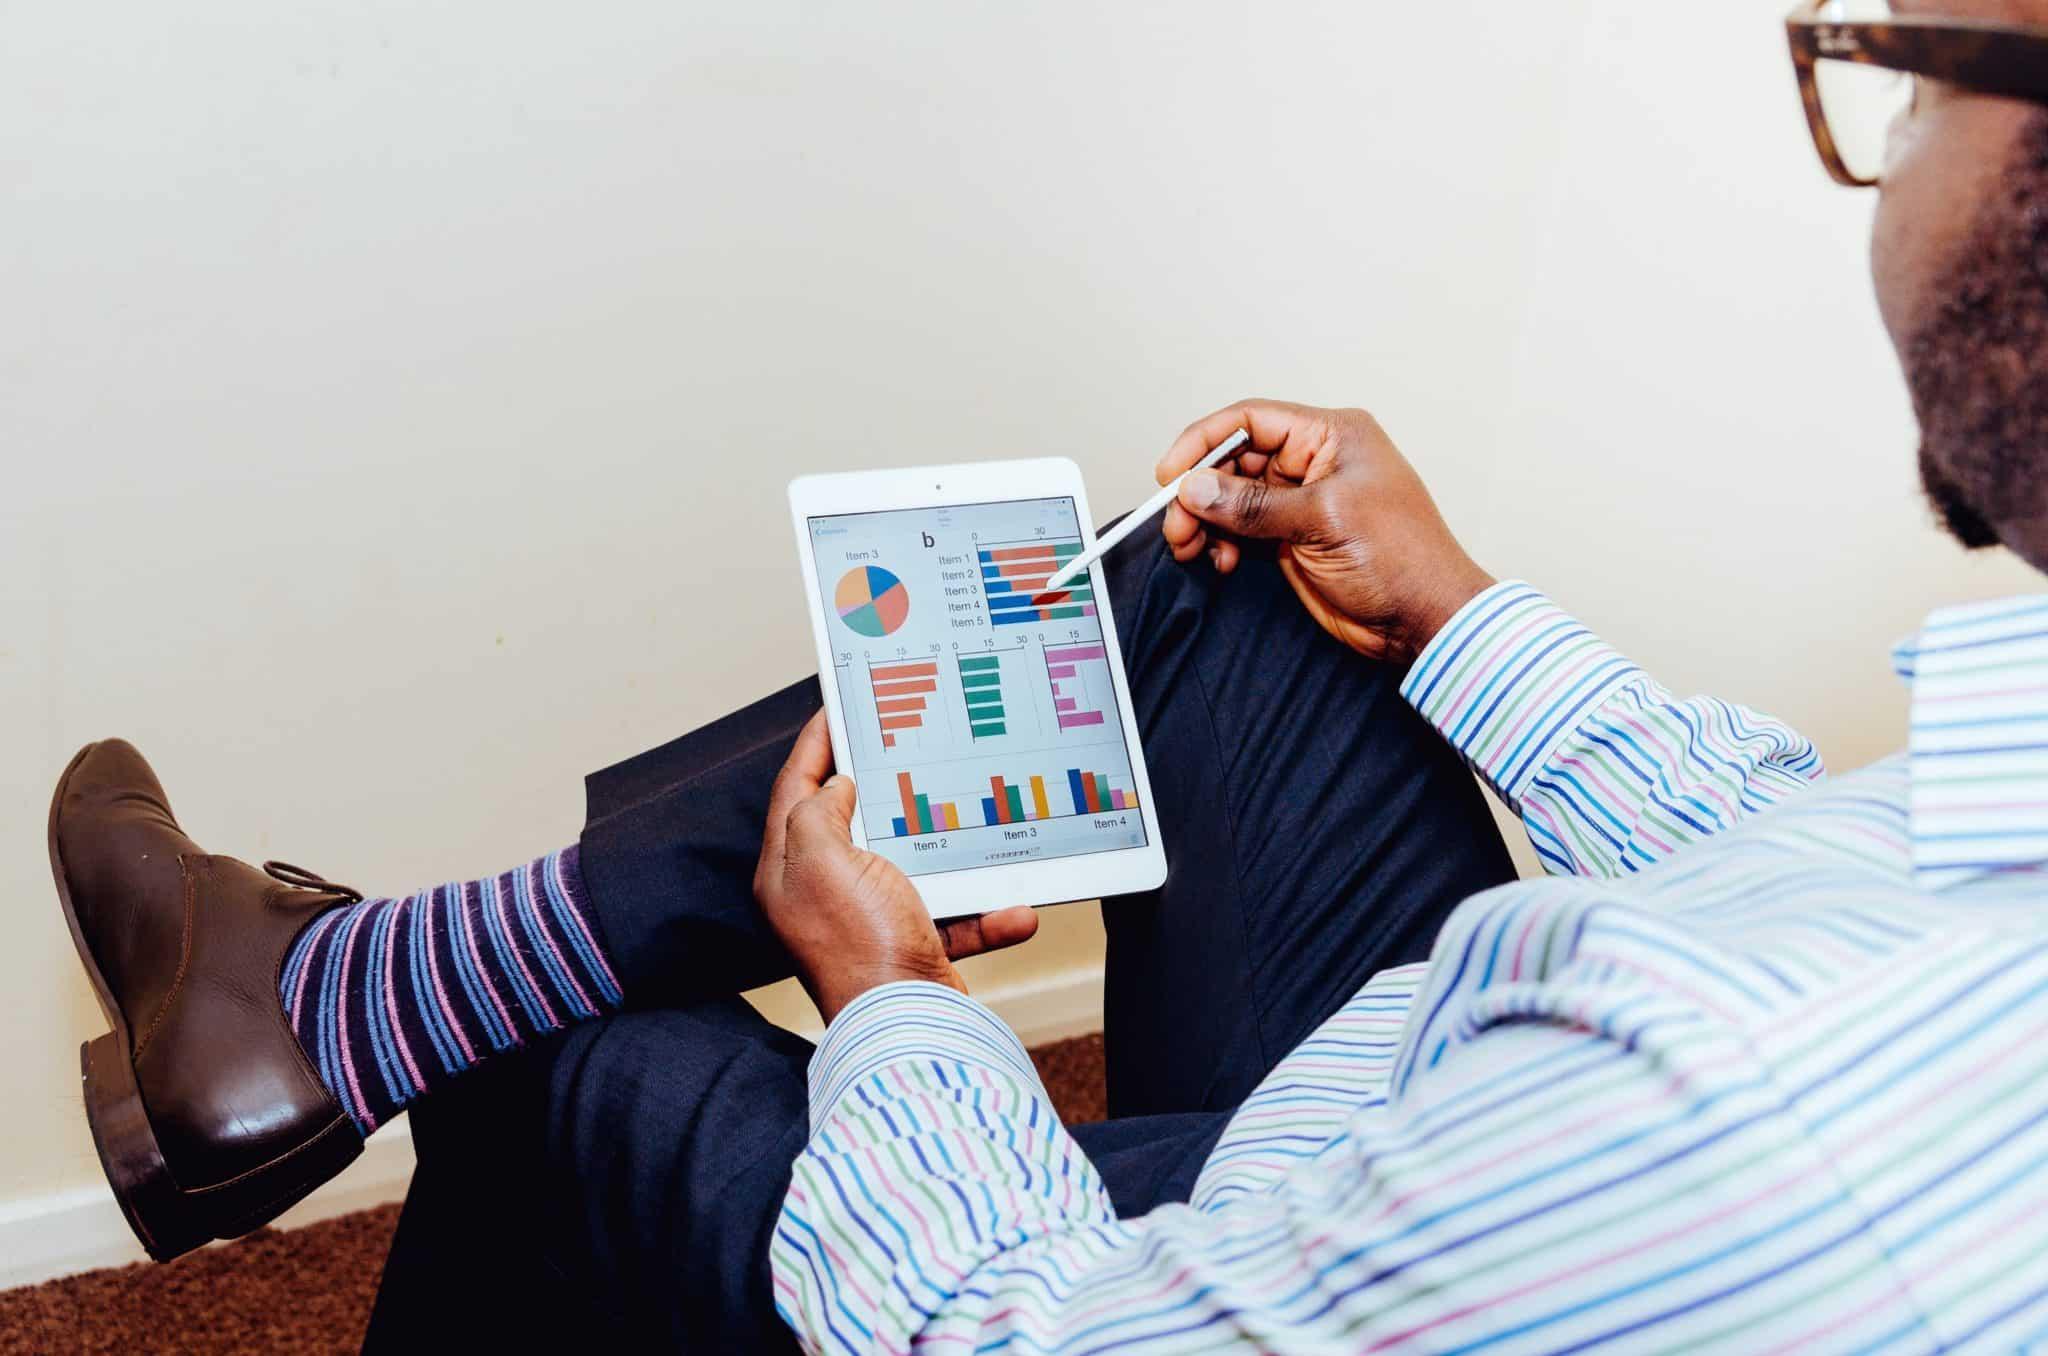 Devo abrir um negócio digital em meio à crise?